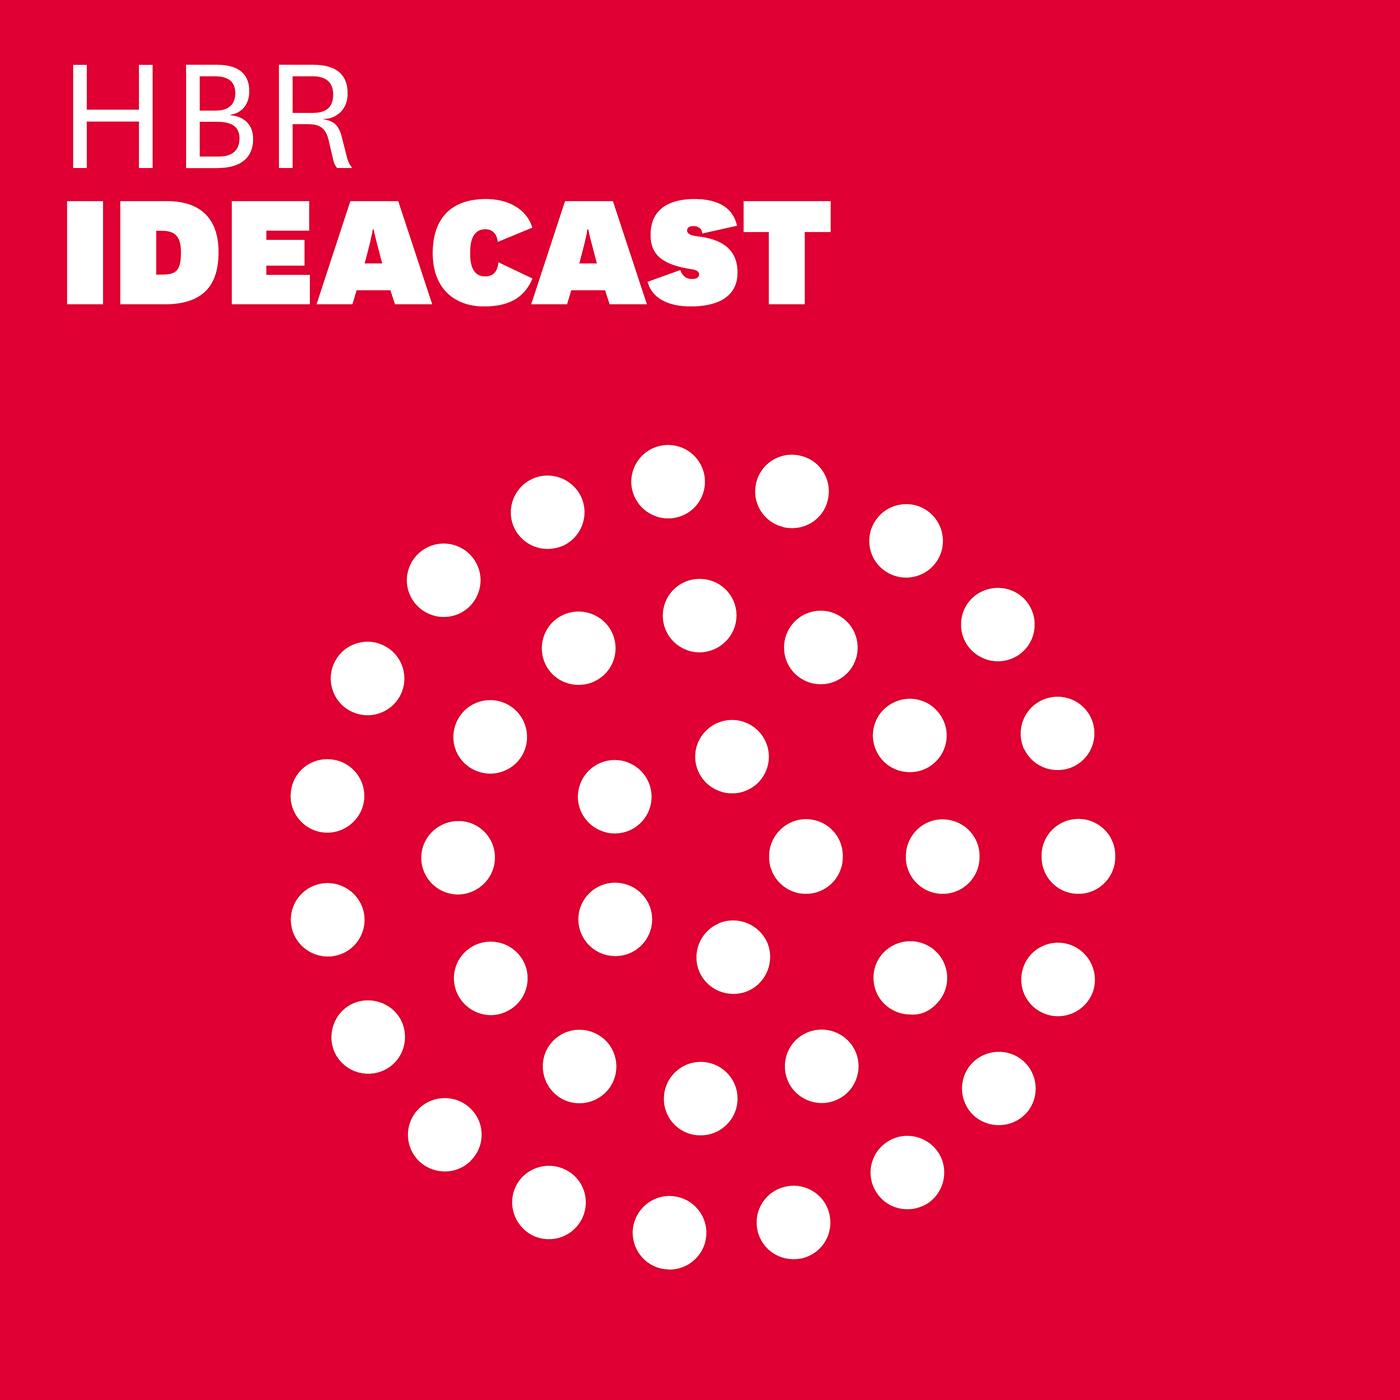 ideacast.jpg